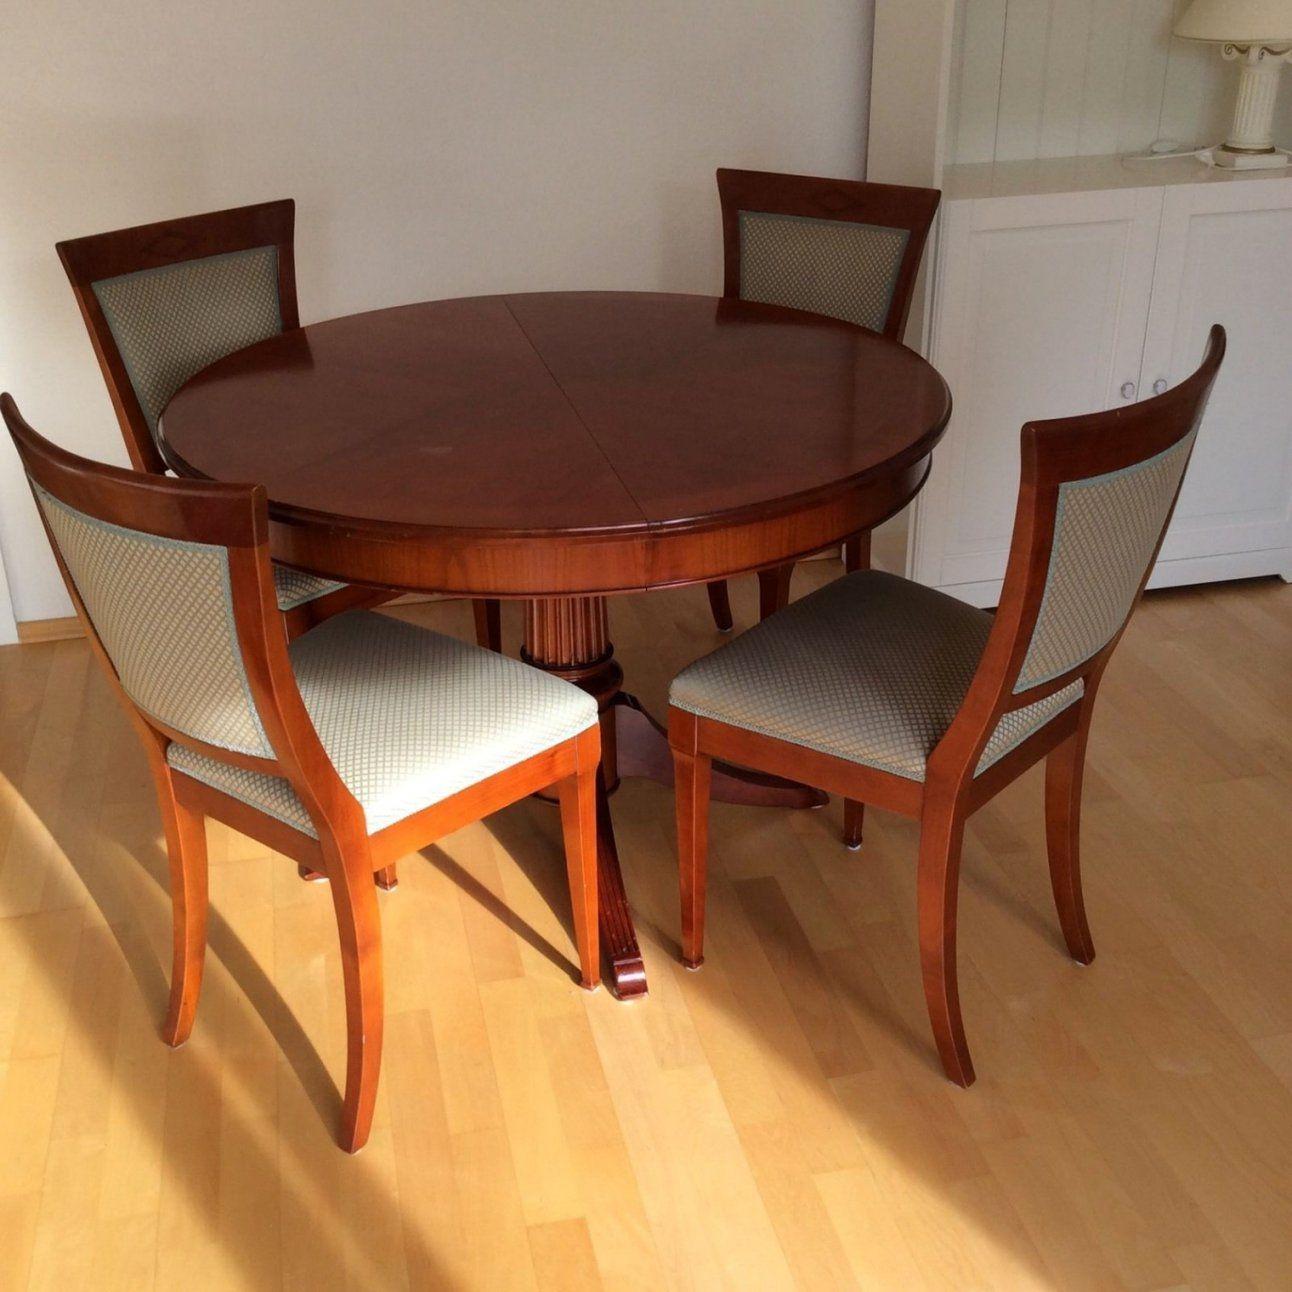 Inspirierend Elegant Beeindruckend Stühle Und Tische Für Gastronomie von Stühle Für Gastronomie Gebraucht Photo